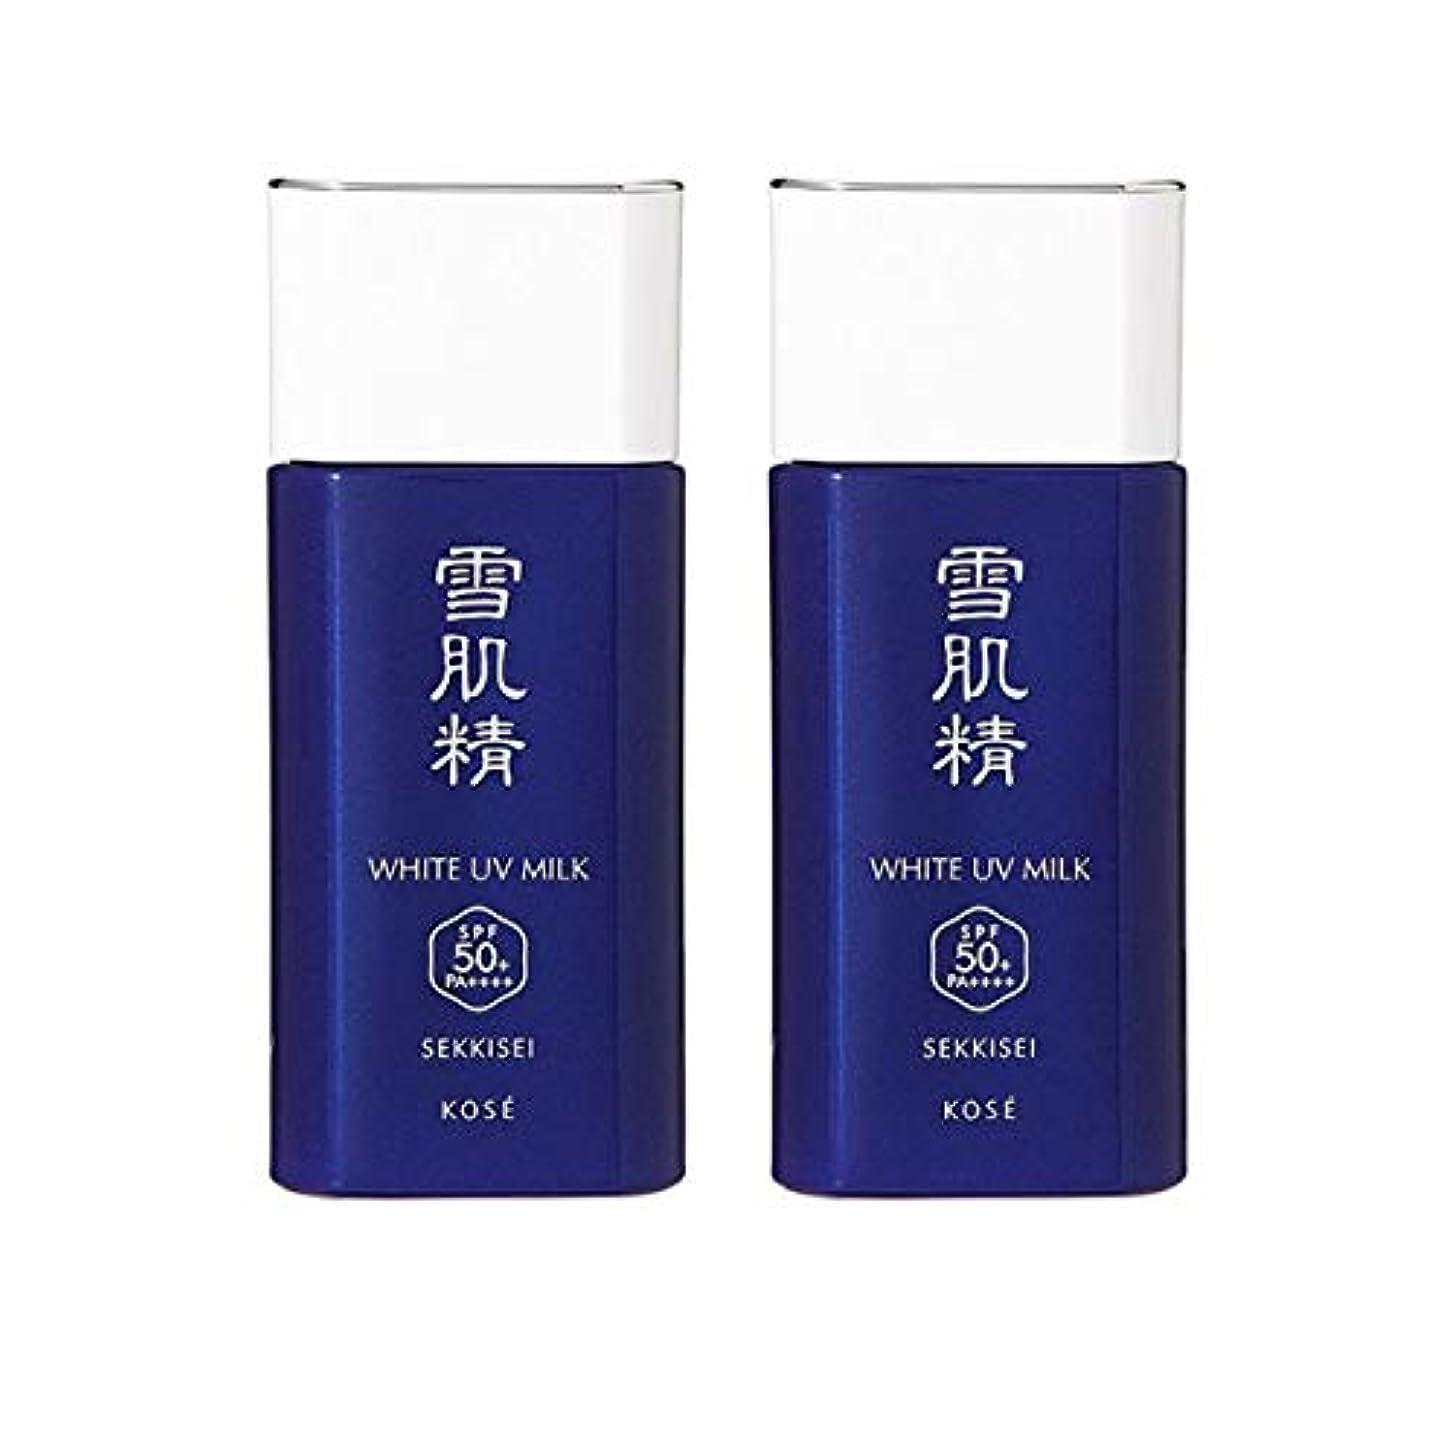 静かな葬儀策定する【セット】コーセー 雪肌精 ホワイト UV ミルク SPF50+/PA++++ 60g 2個セット